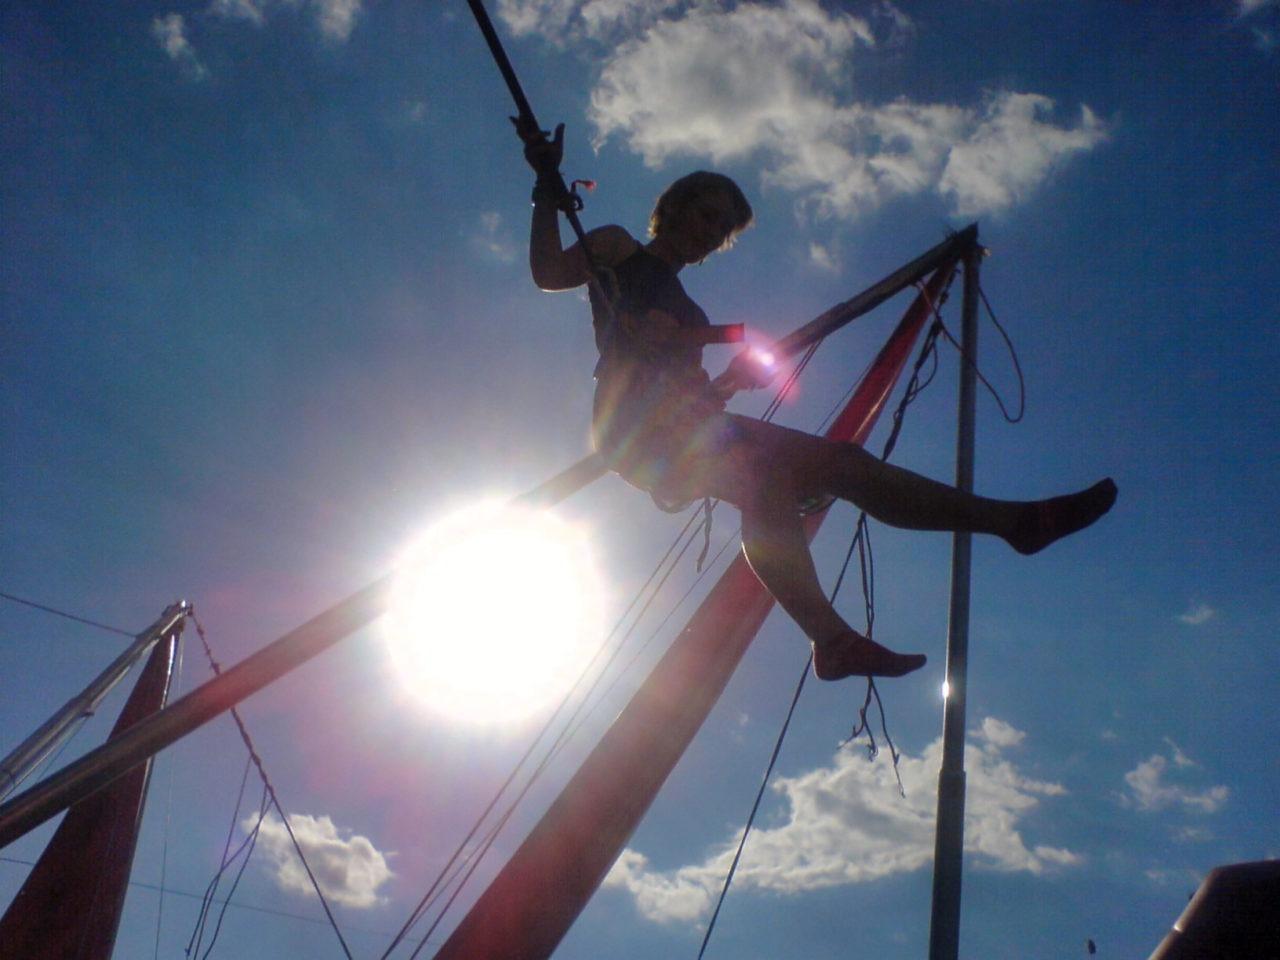 JL in een spring elastiek trampoline ding apparaat schiet voorwerp 03